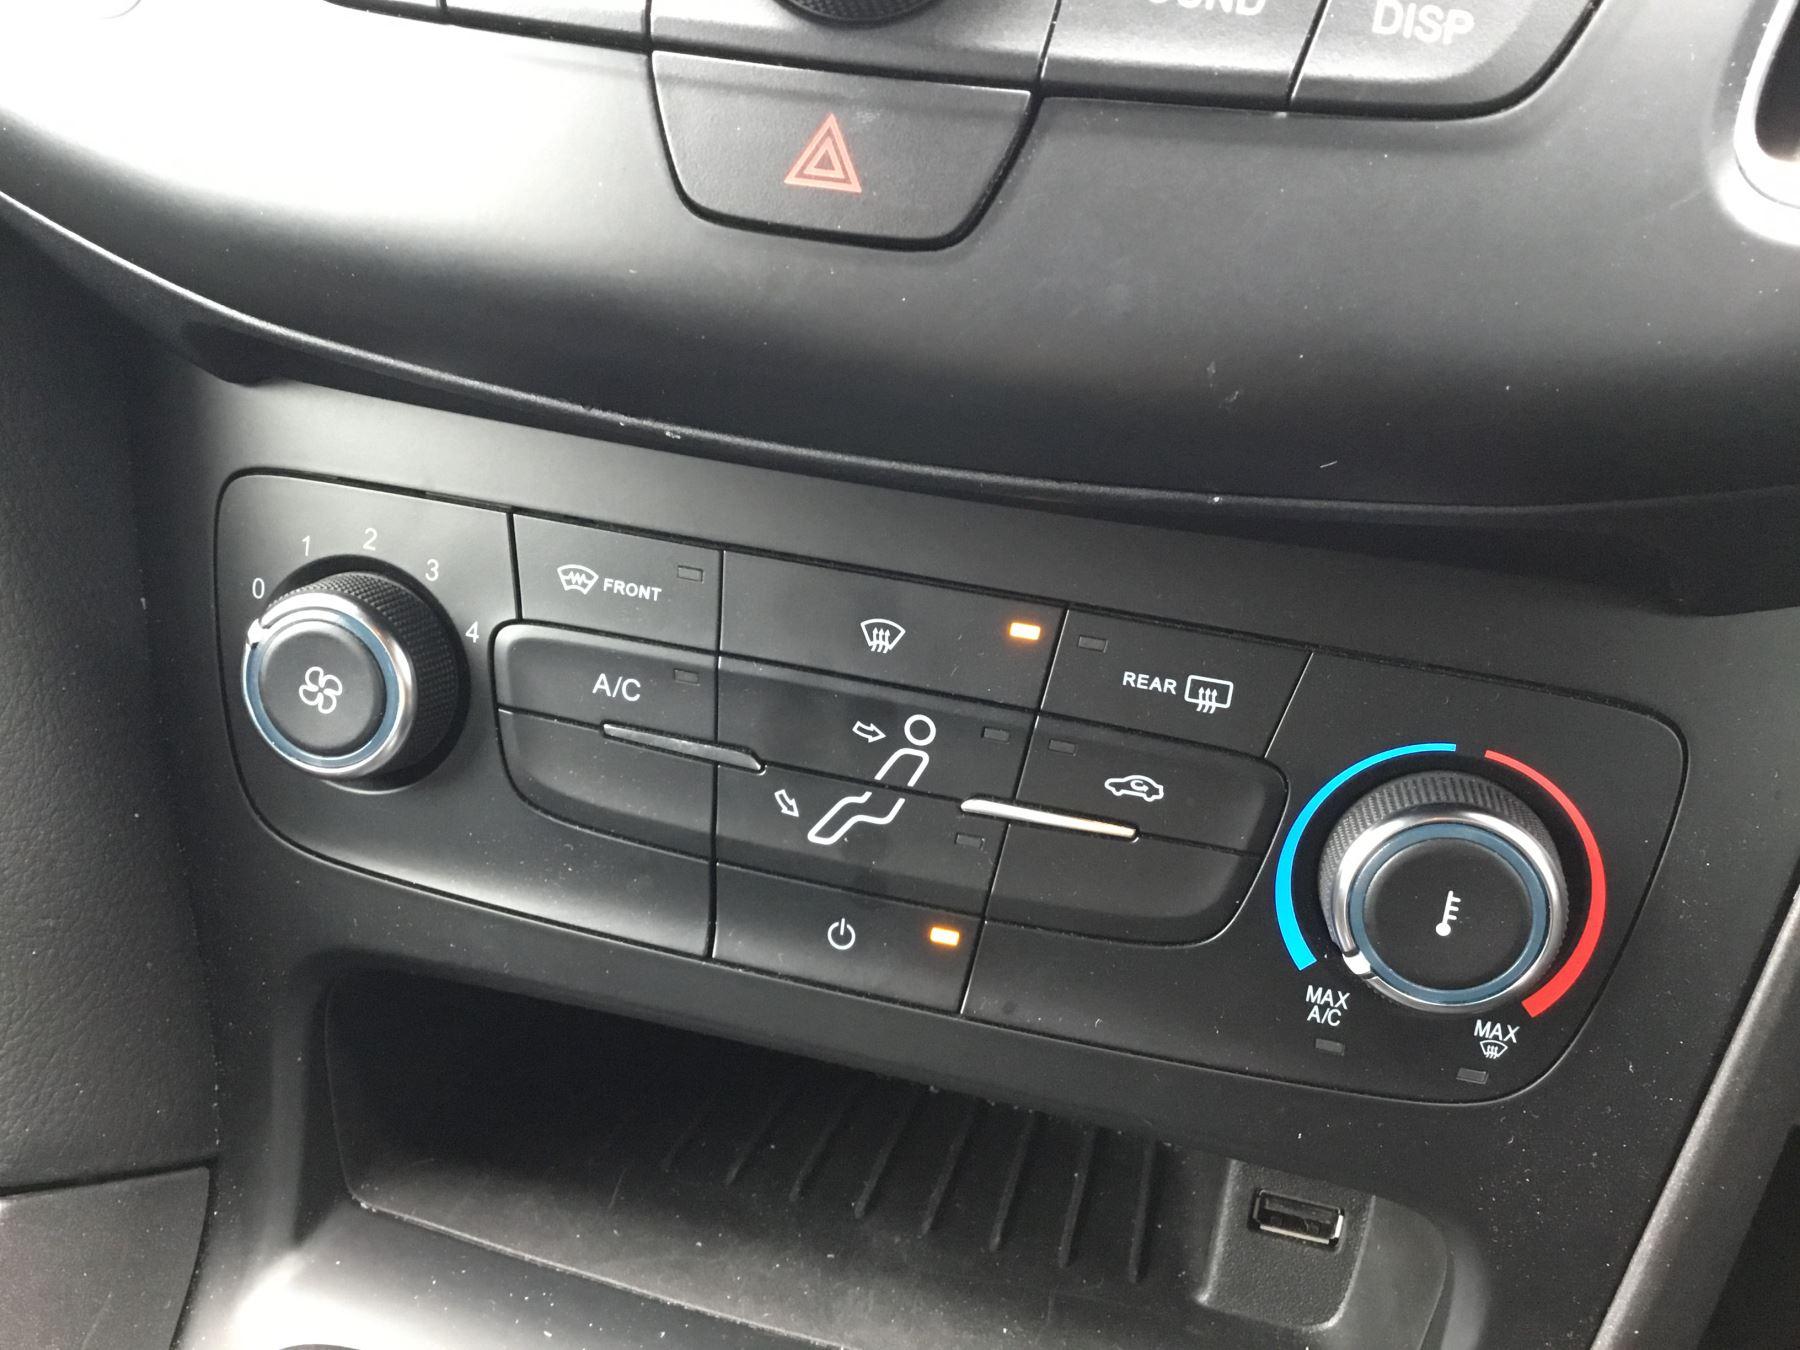 Ford Focus 10 Ecoboost 125 St Line 5dr Hatchback 2017 At Jaguar Seat Post Suspension Zoom Ready Size 316 Image 13